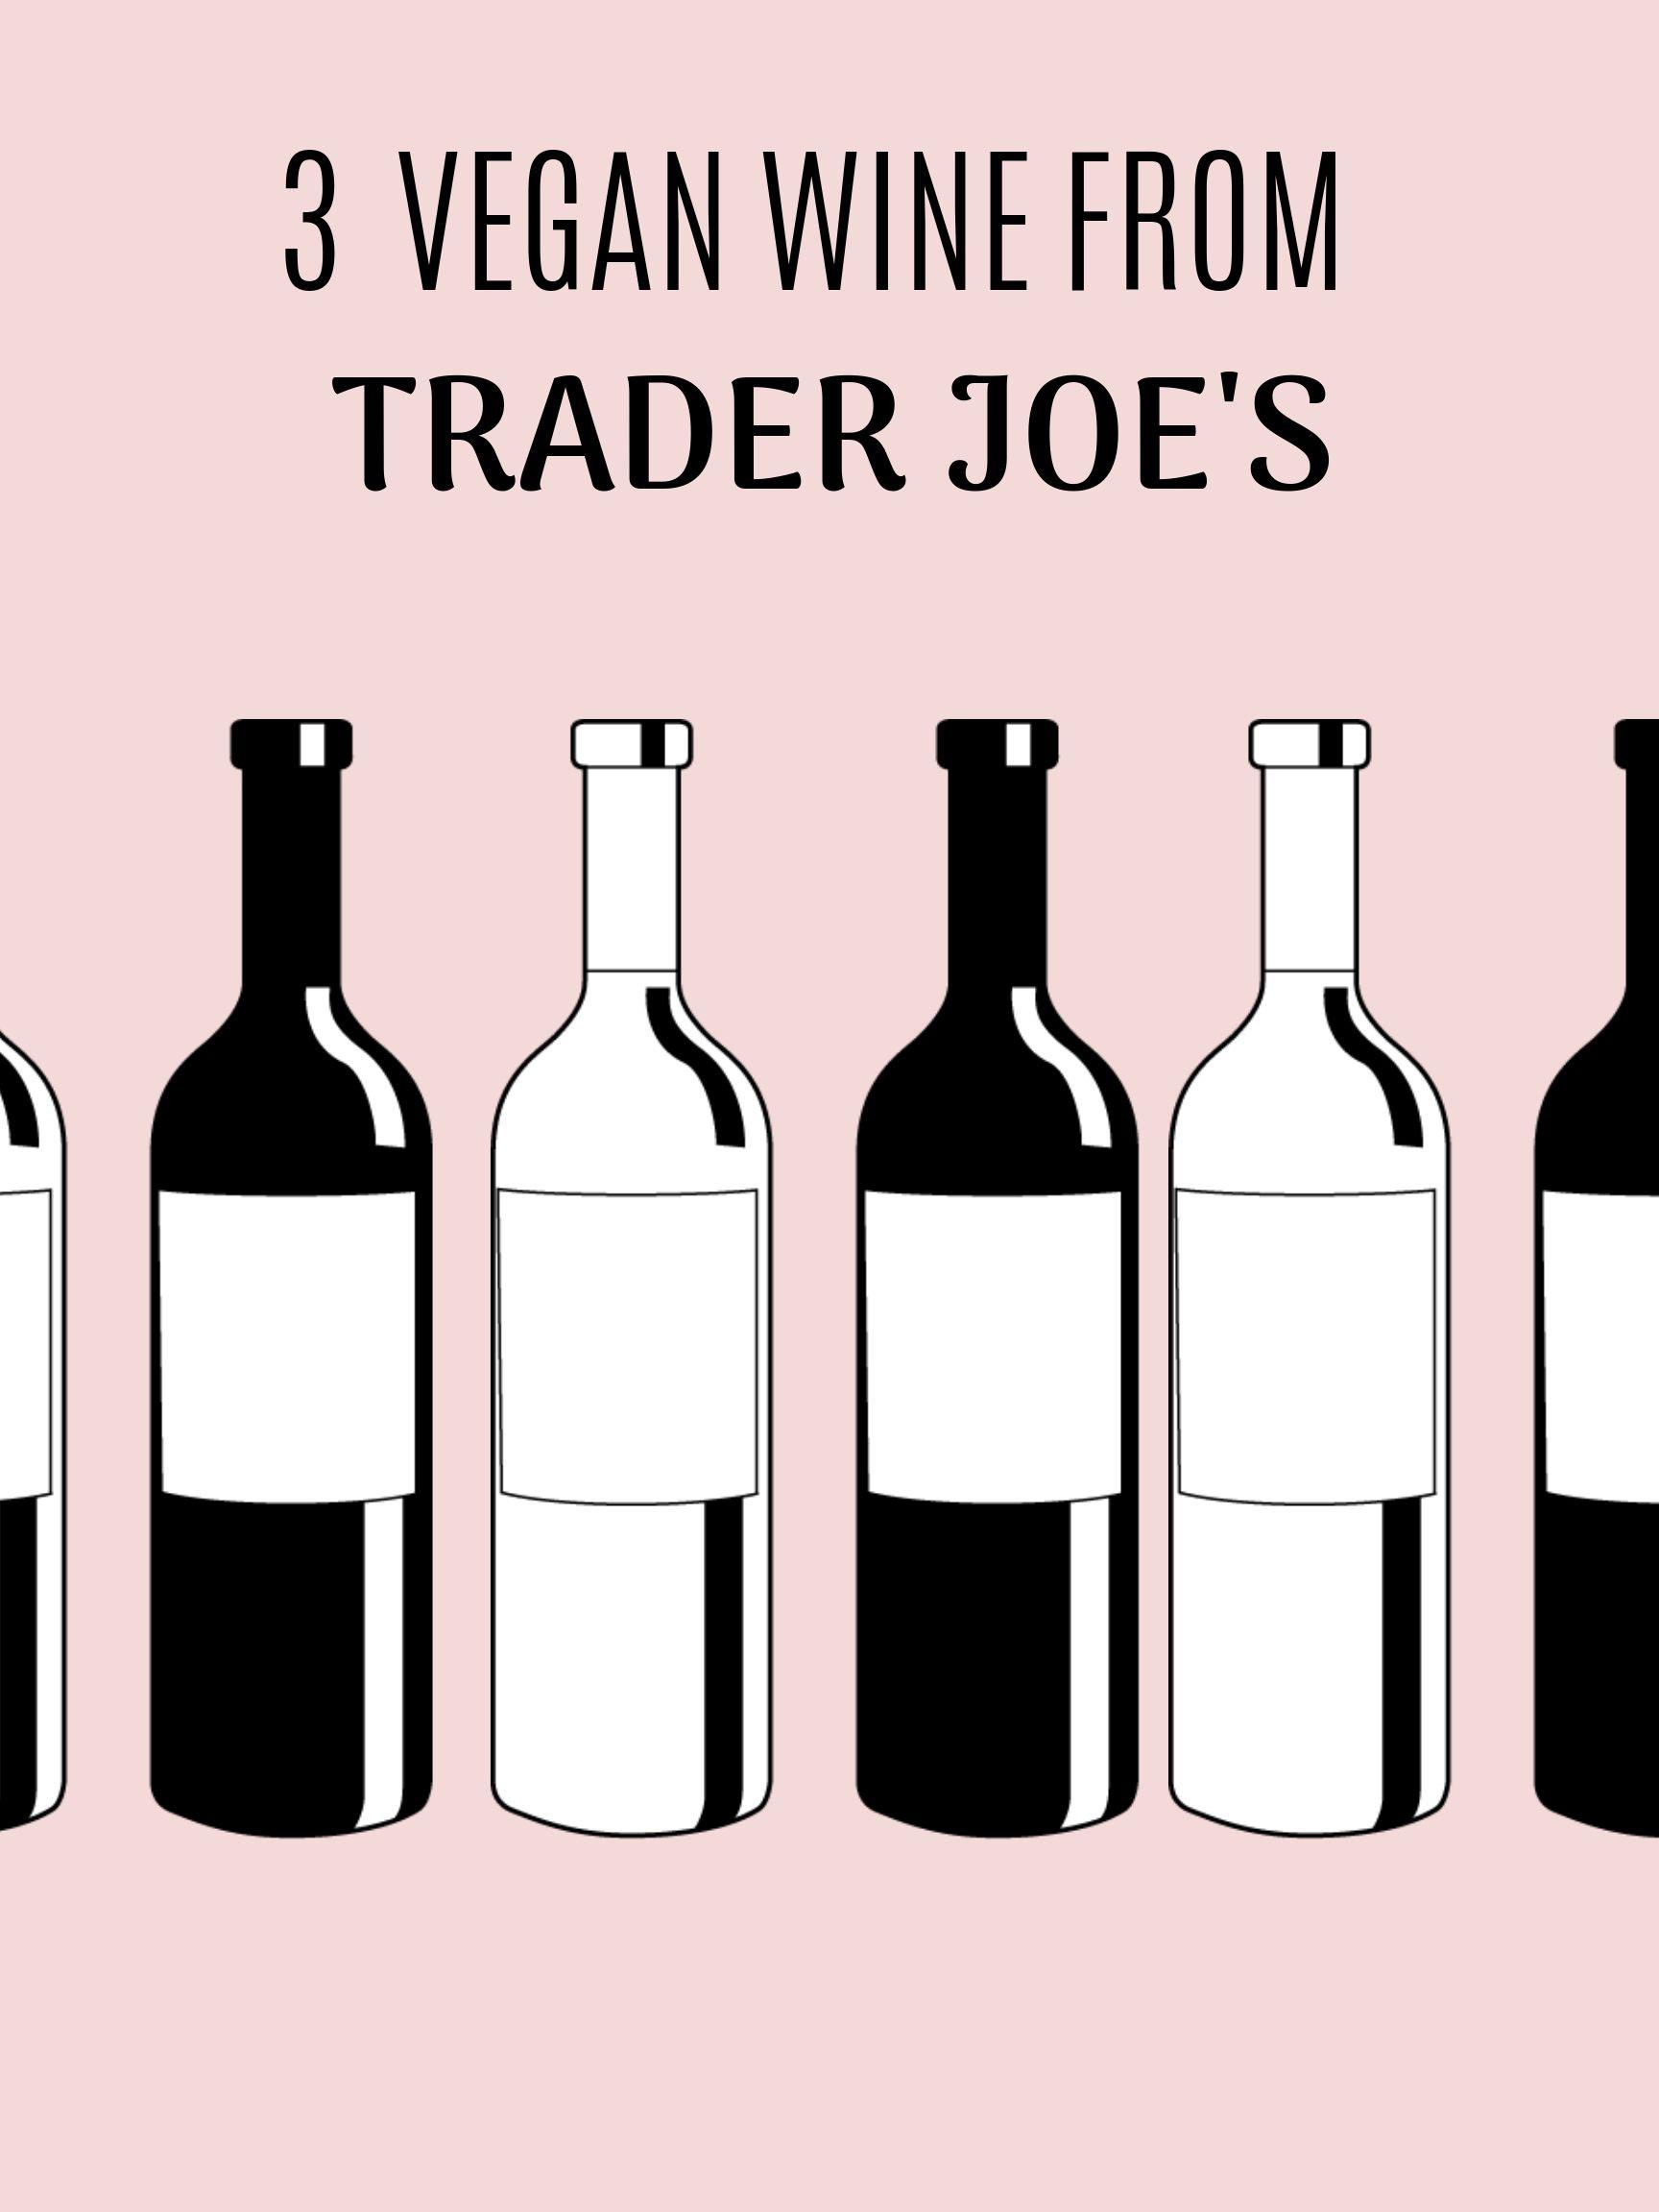 Vegan wine from Trader Joes, Vegan Wine, Trader Joes.jpg